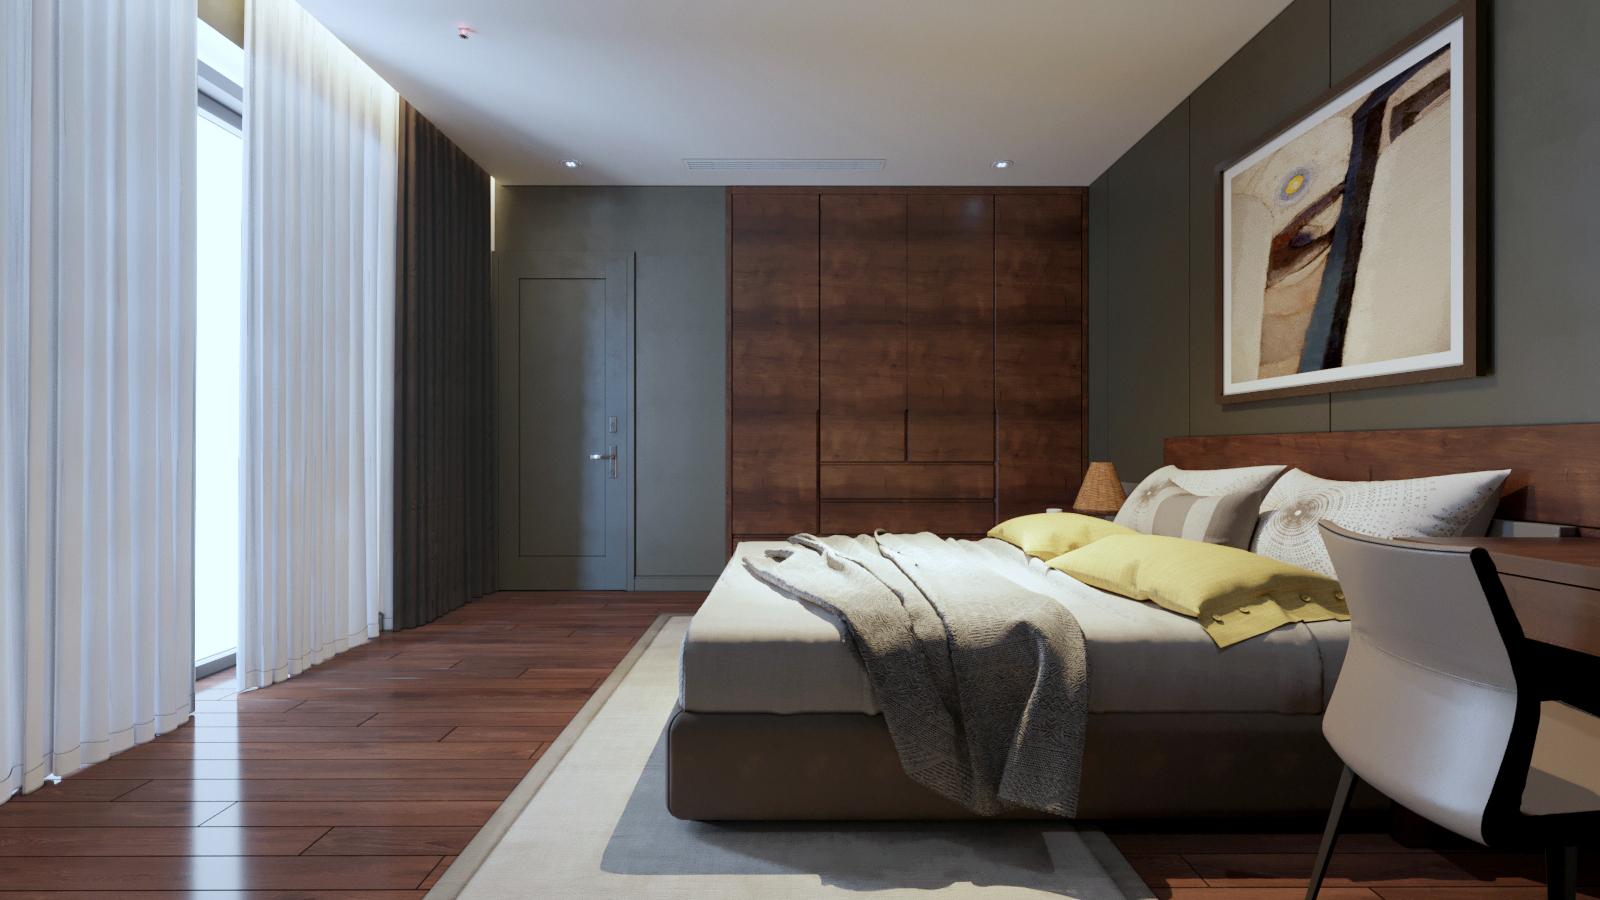 thiết kế Nội thất Biệt Thự 3 tầng biệt thự bt25 splendora mới (lakeside splendora)304